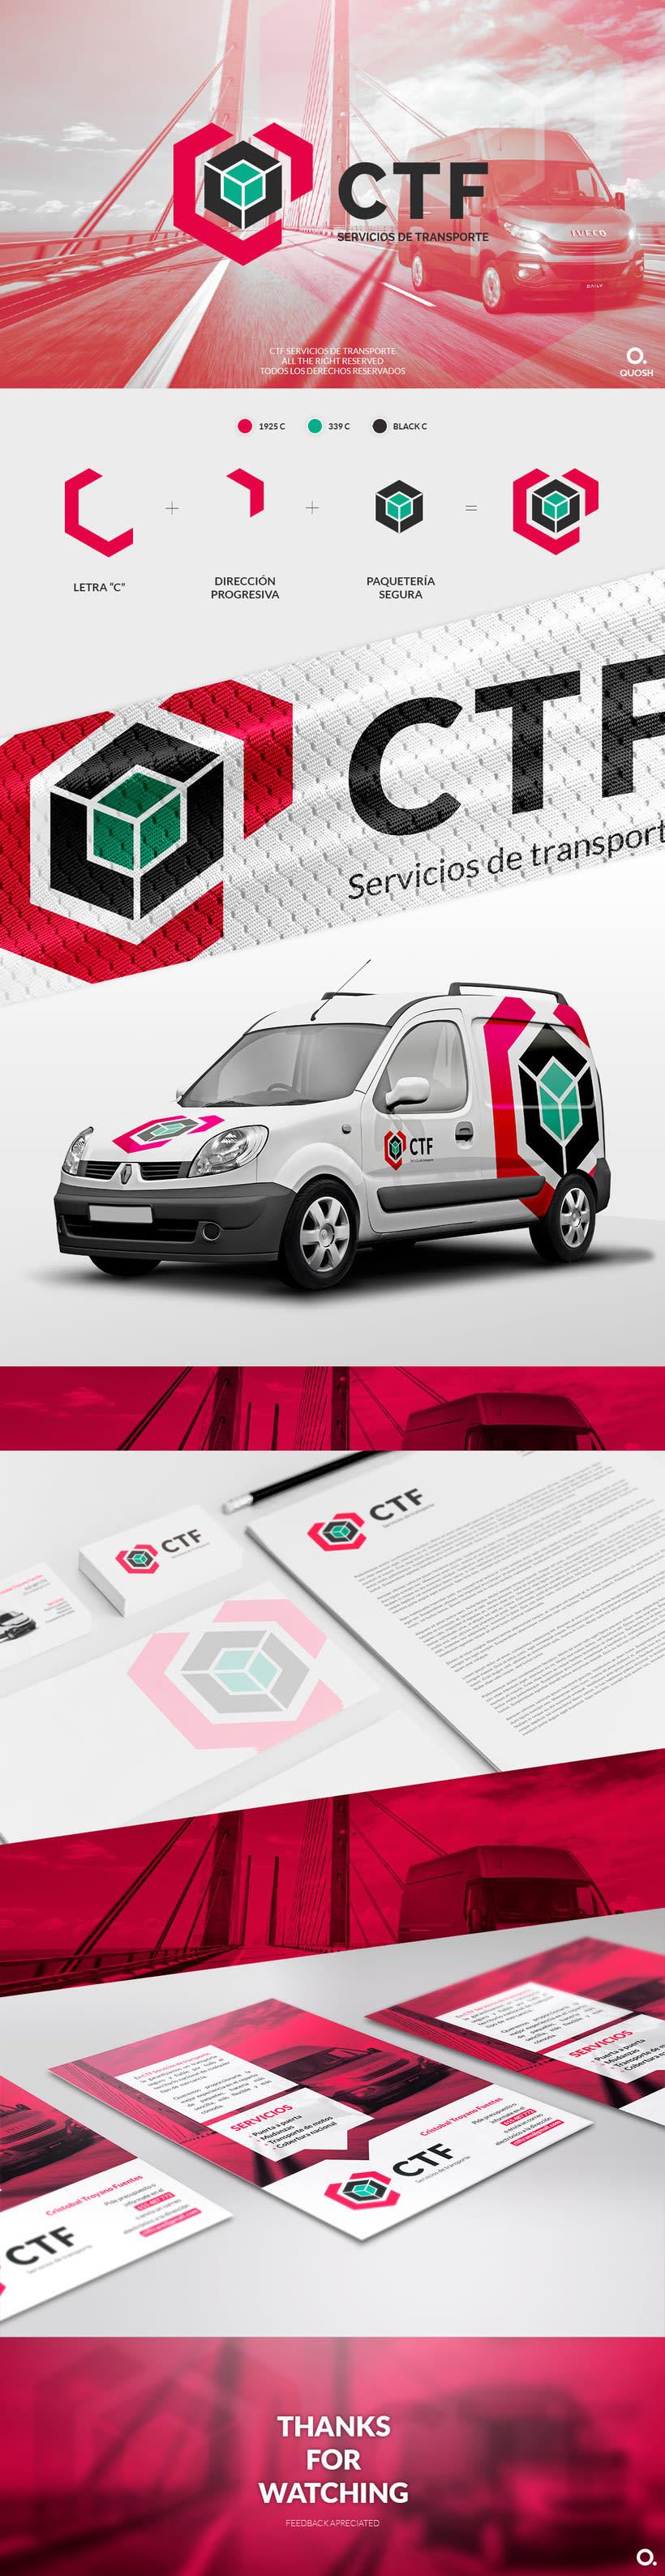 CTF Servicios de transporte | Branding project 1